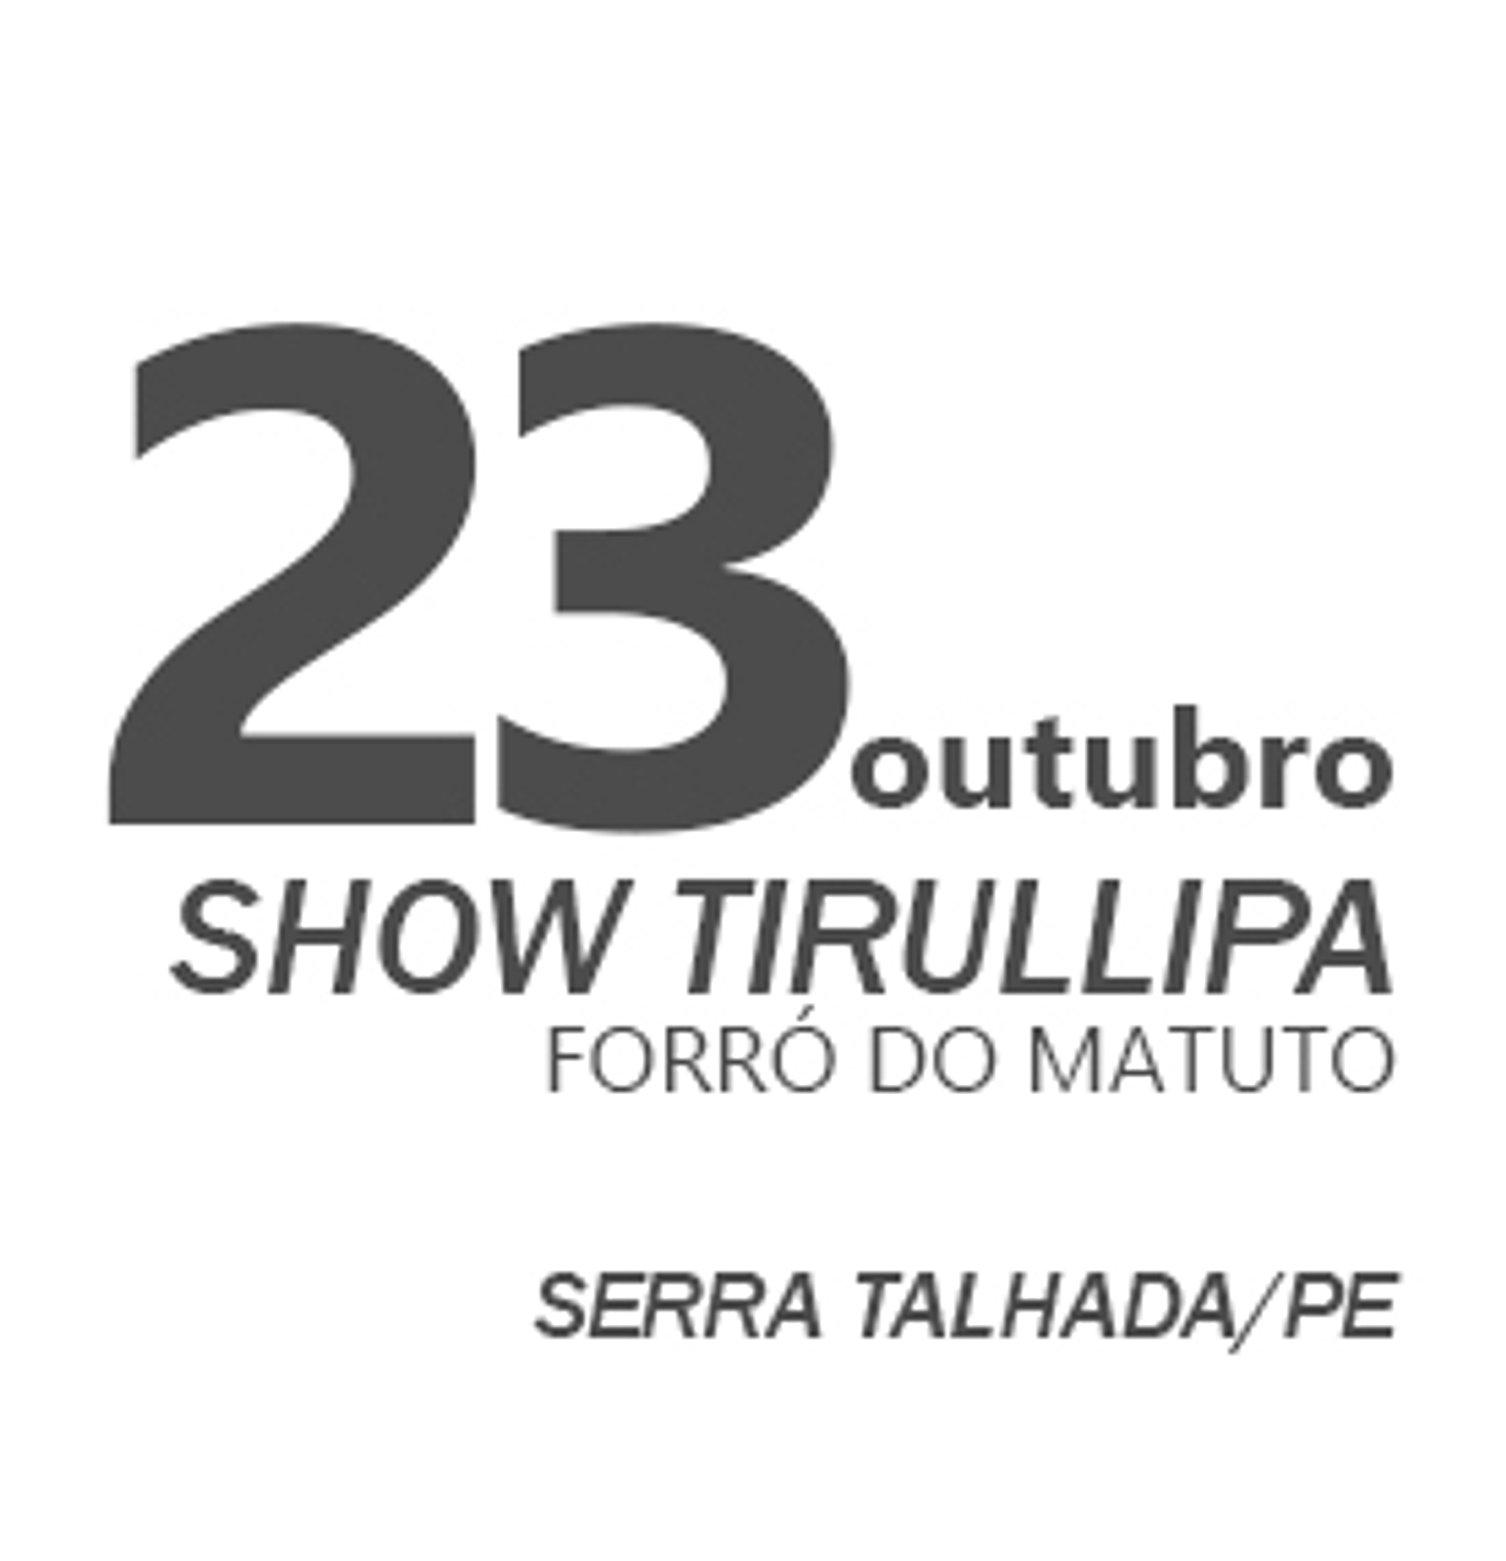 TIRULLIPA EM SERRA TALHADA/PE